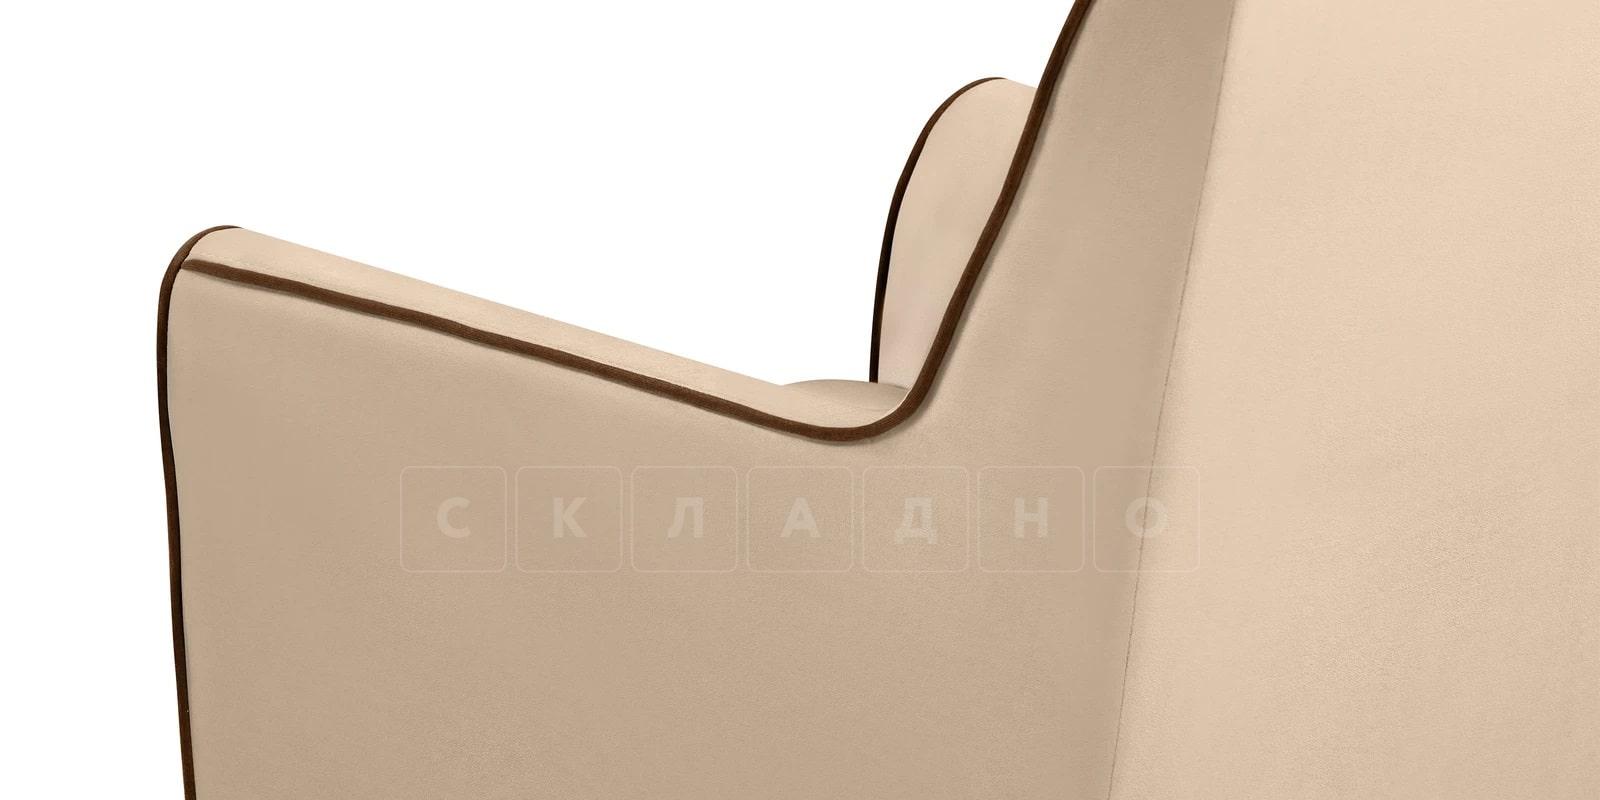 Кресло Флэтфорд велюр бежевый с коричневым кантом фото 7 | интернет-магазин Складно